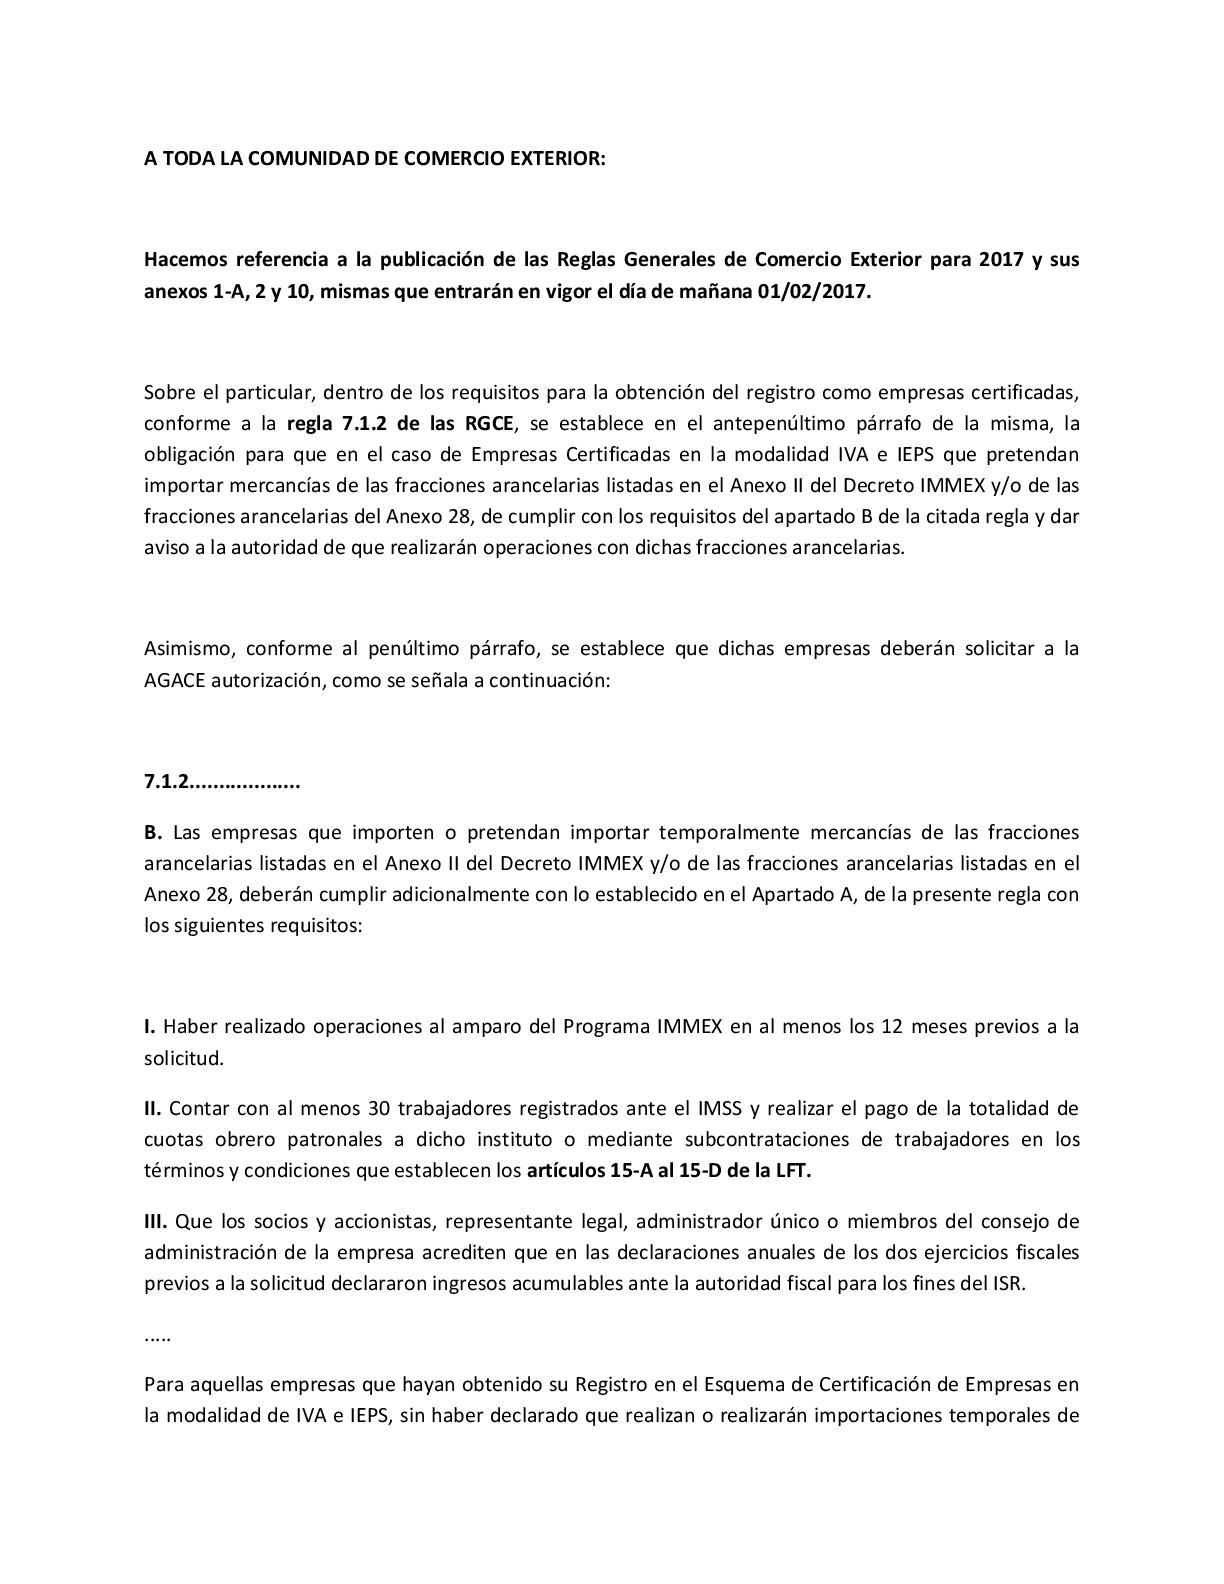 A-TODA-LA-COMUNIDAD-DE-COMERCIO-EXTERIOR-001